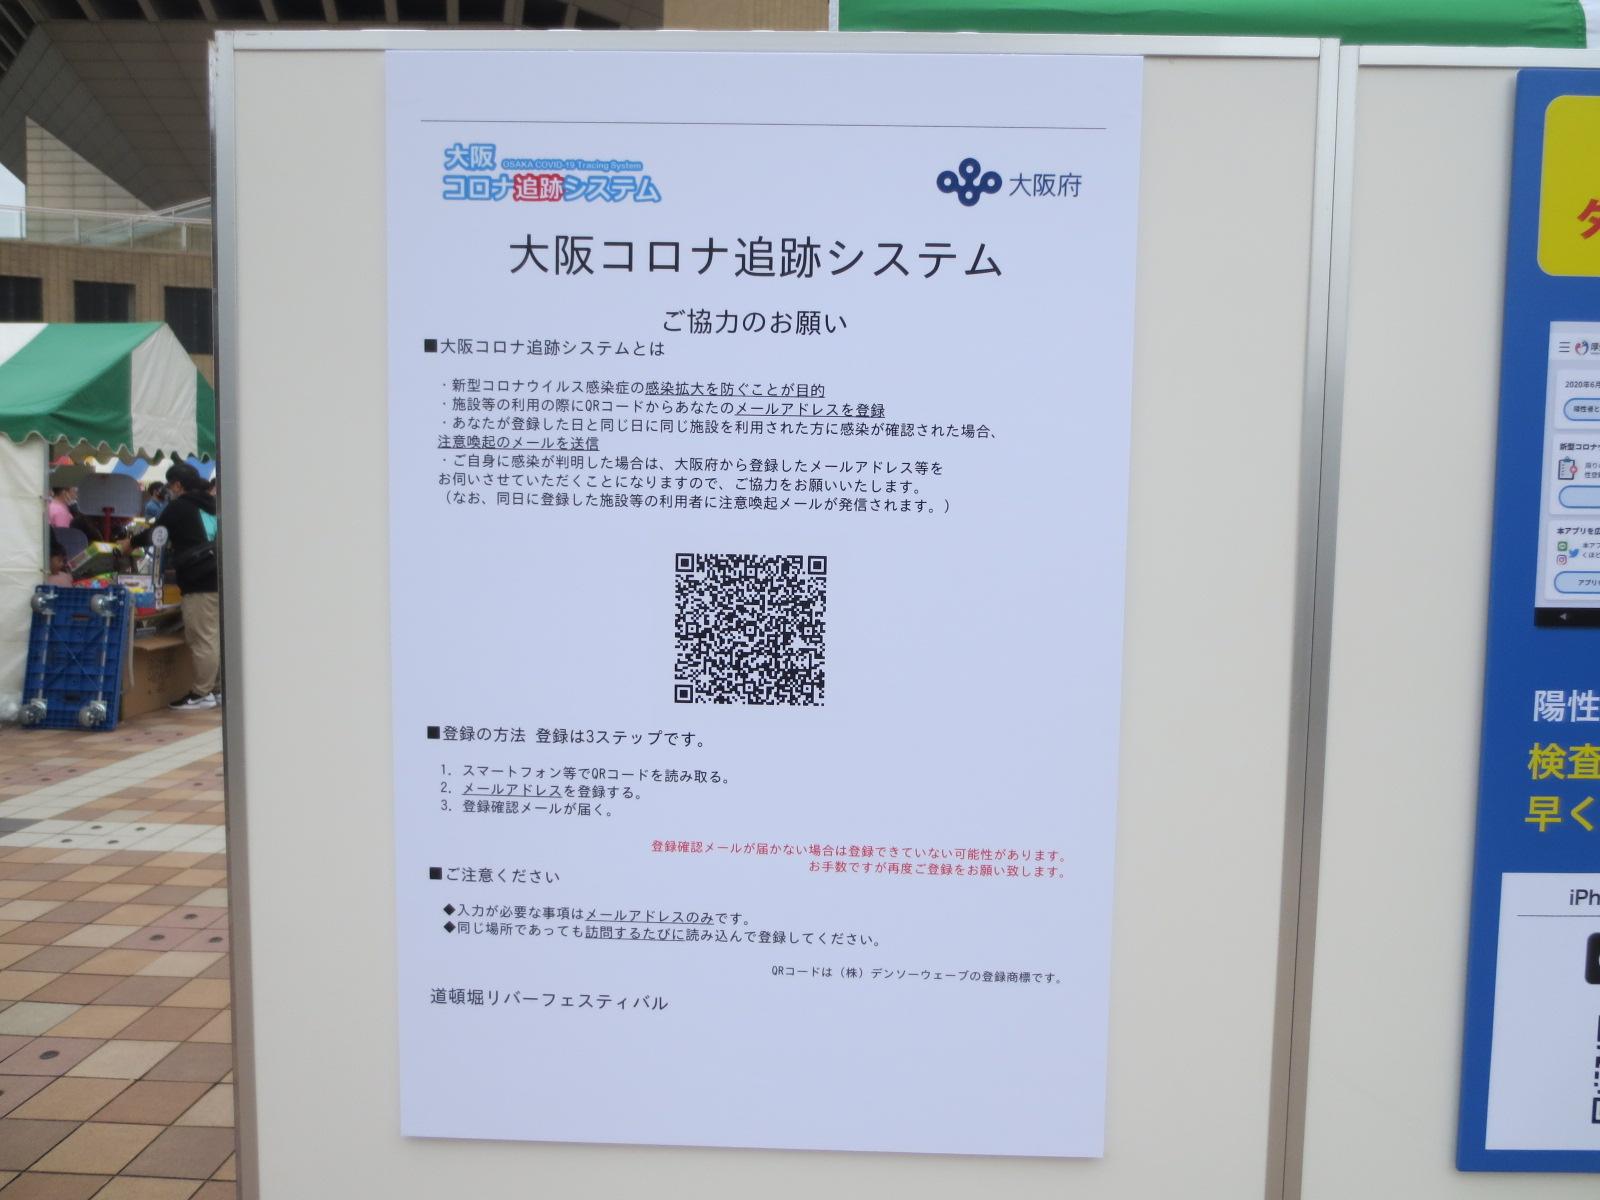 道頓堀リバーフェスティバル:大阪コロナ追跡システム